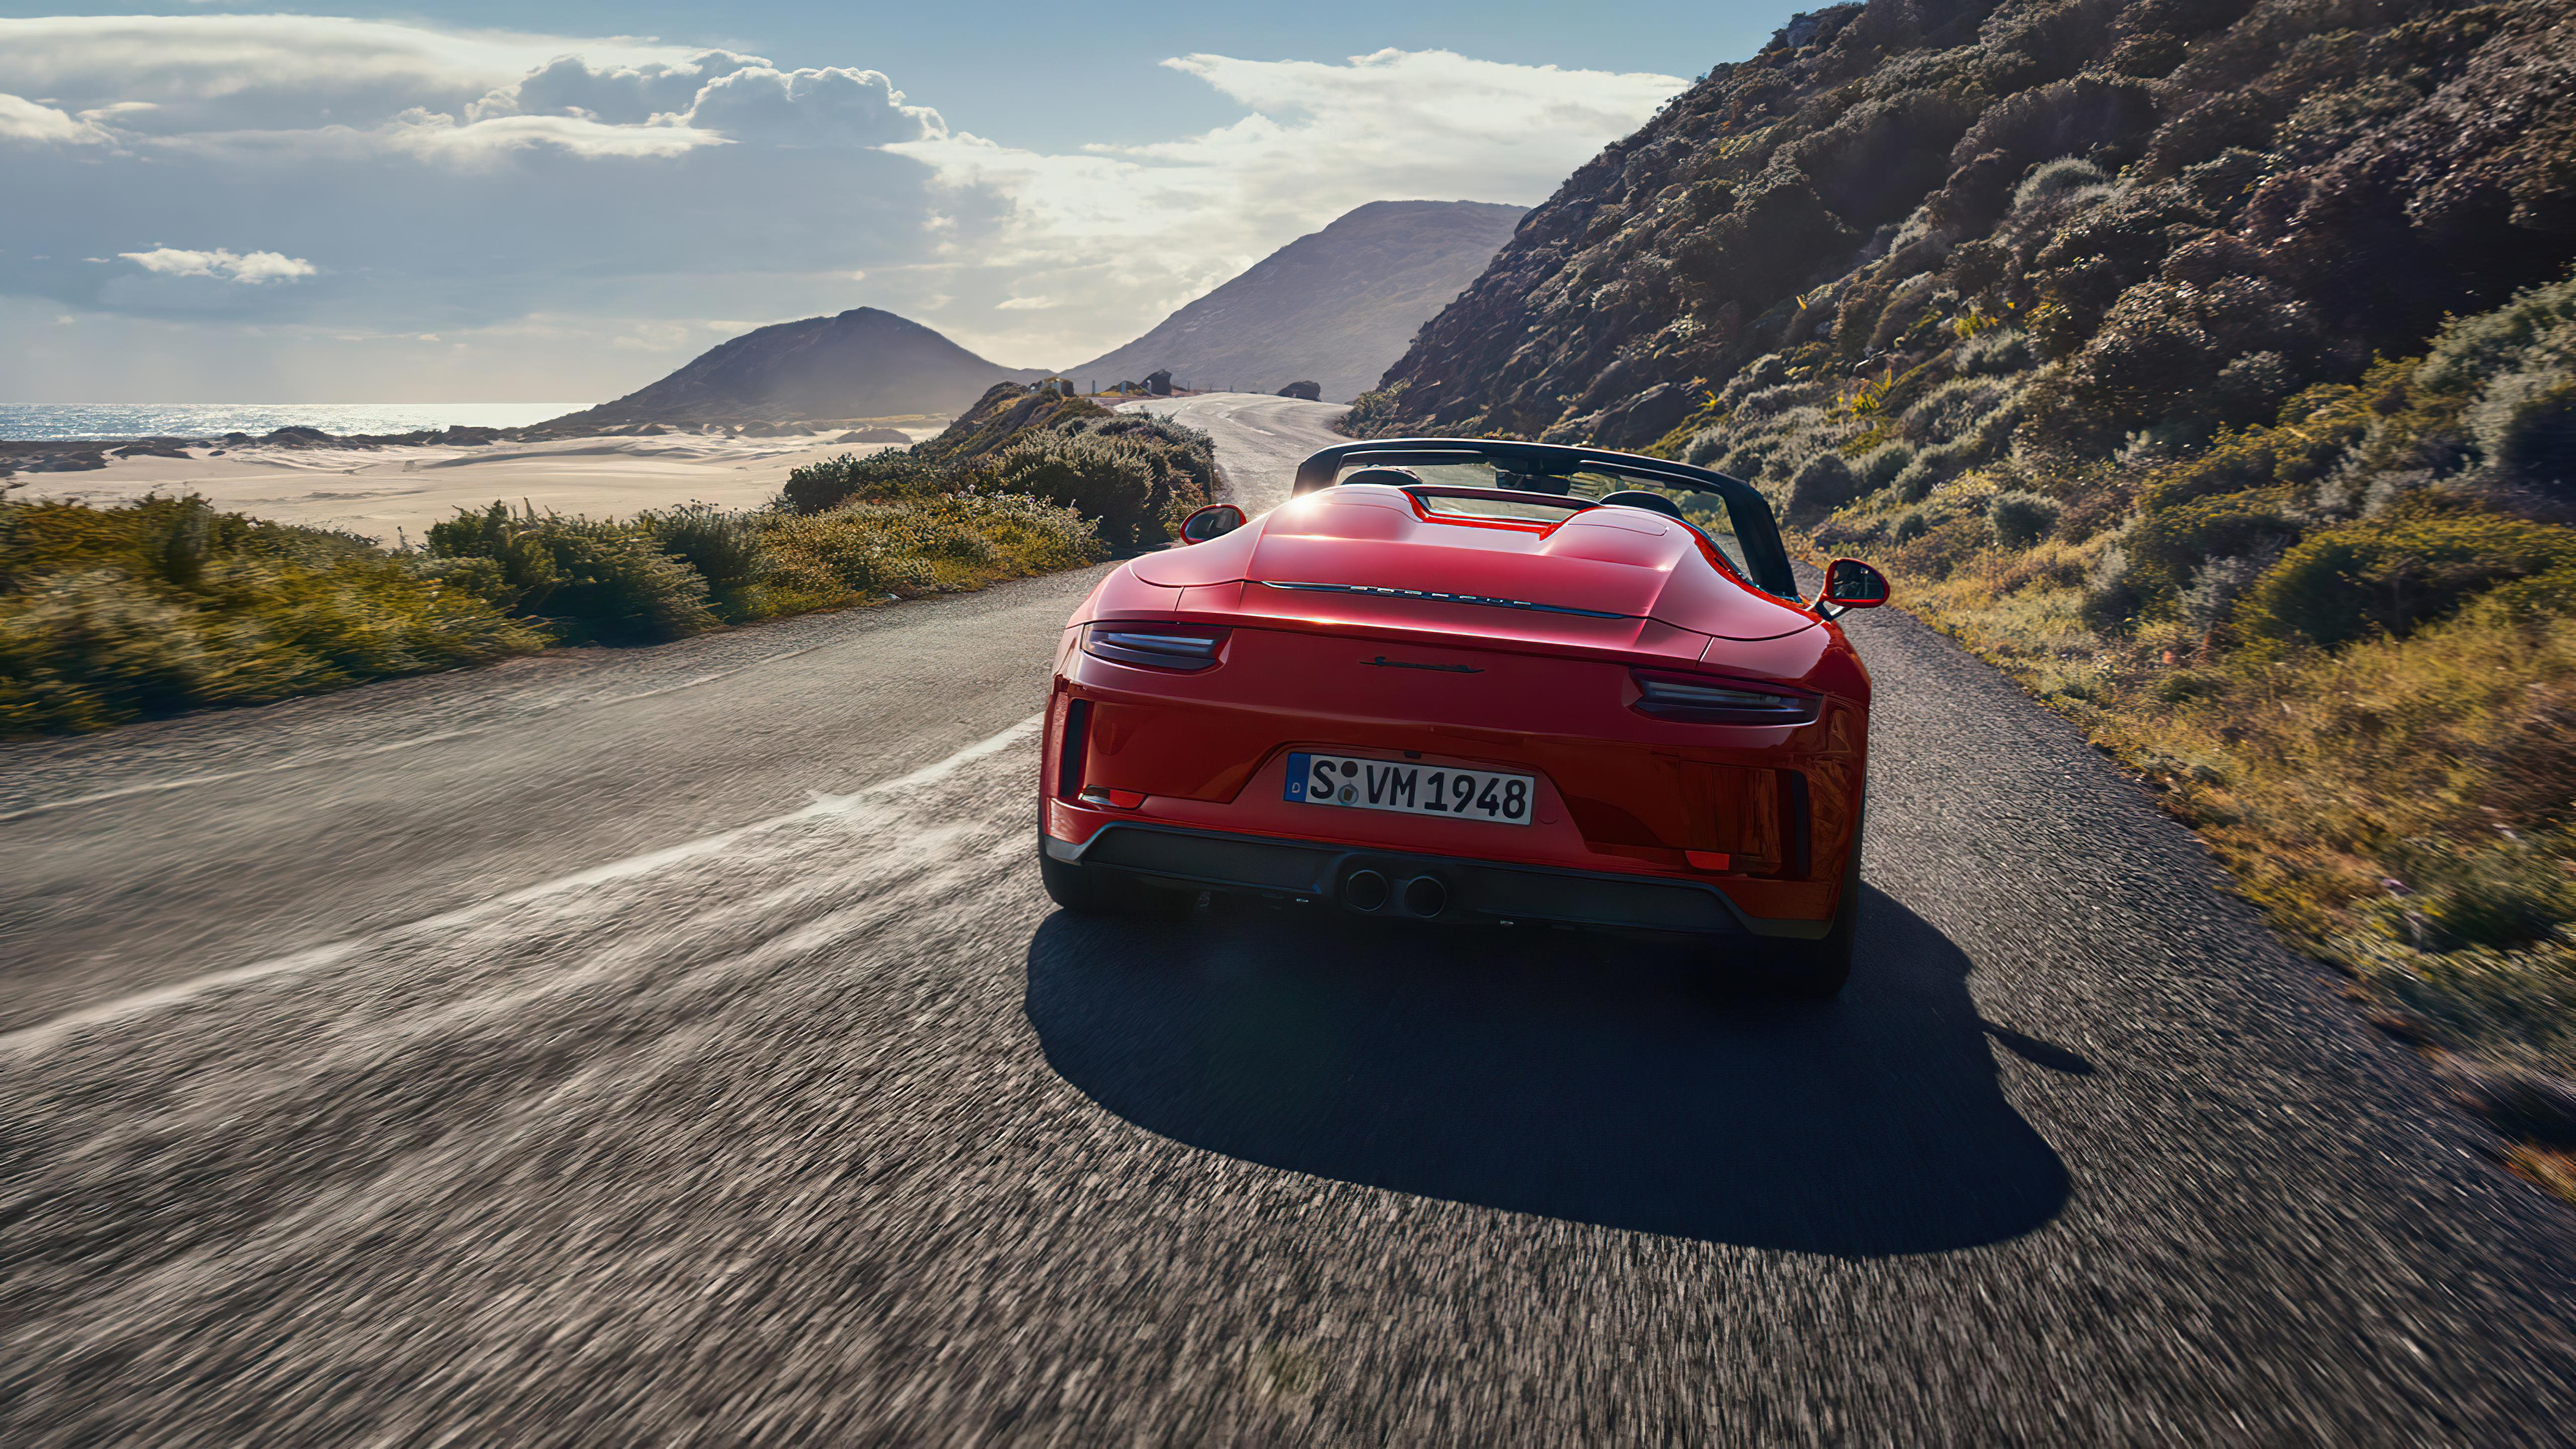 Wallpaper Porsche Speedster